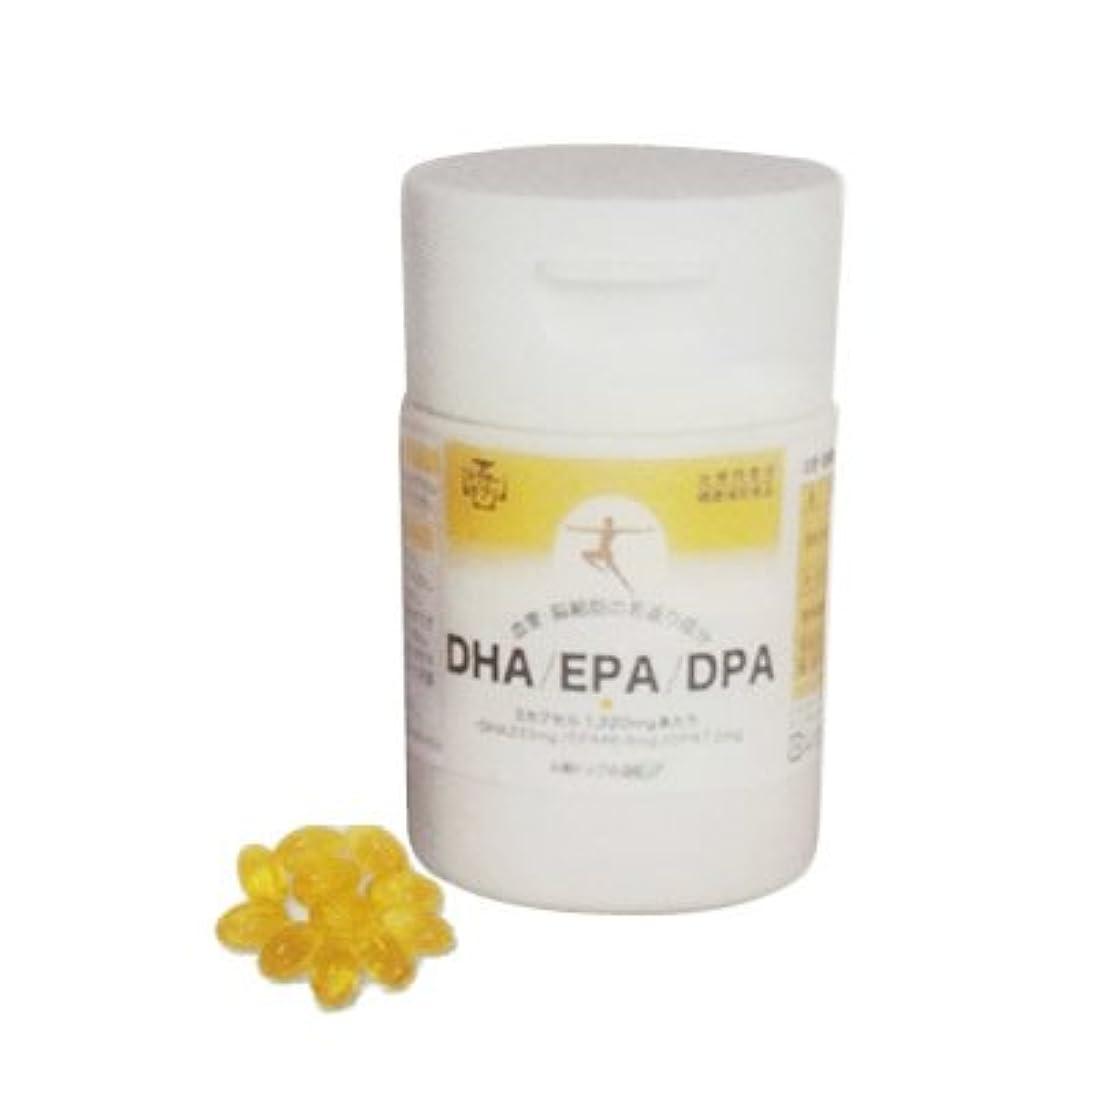 ユーモア容疑者クロニクルDHA/EPA/DPA 400mg×90カプセル(ドクターサプリ/健康補助食品シリーズ)